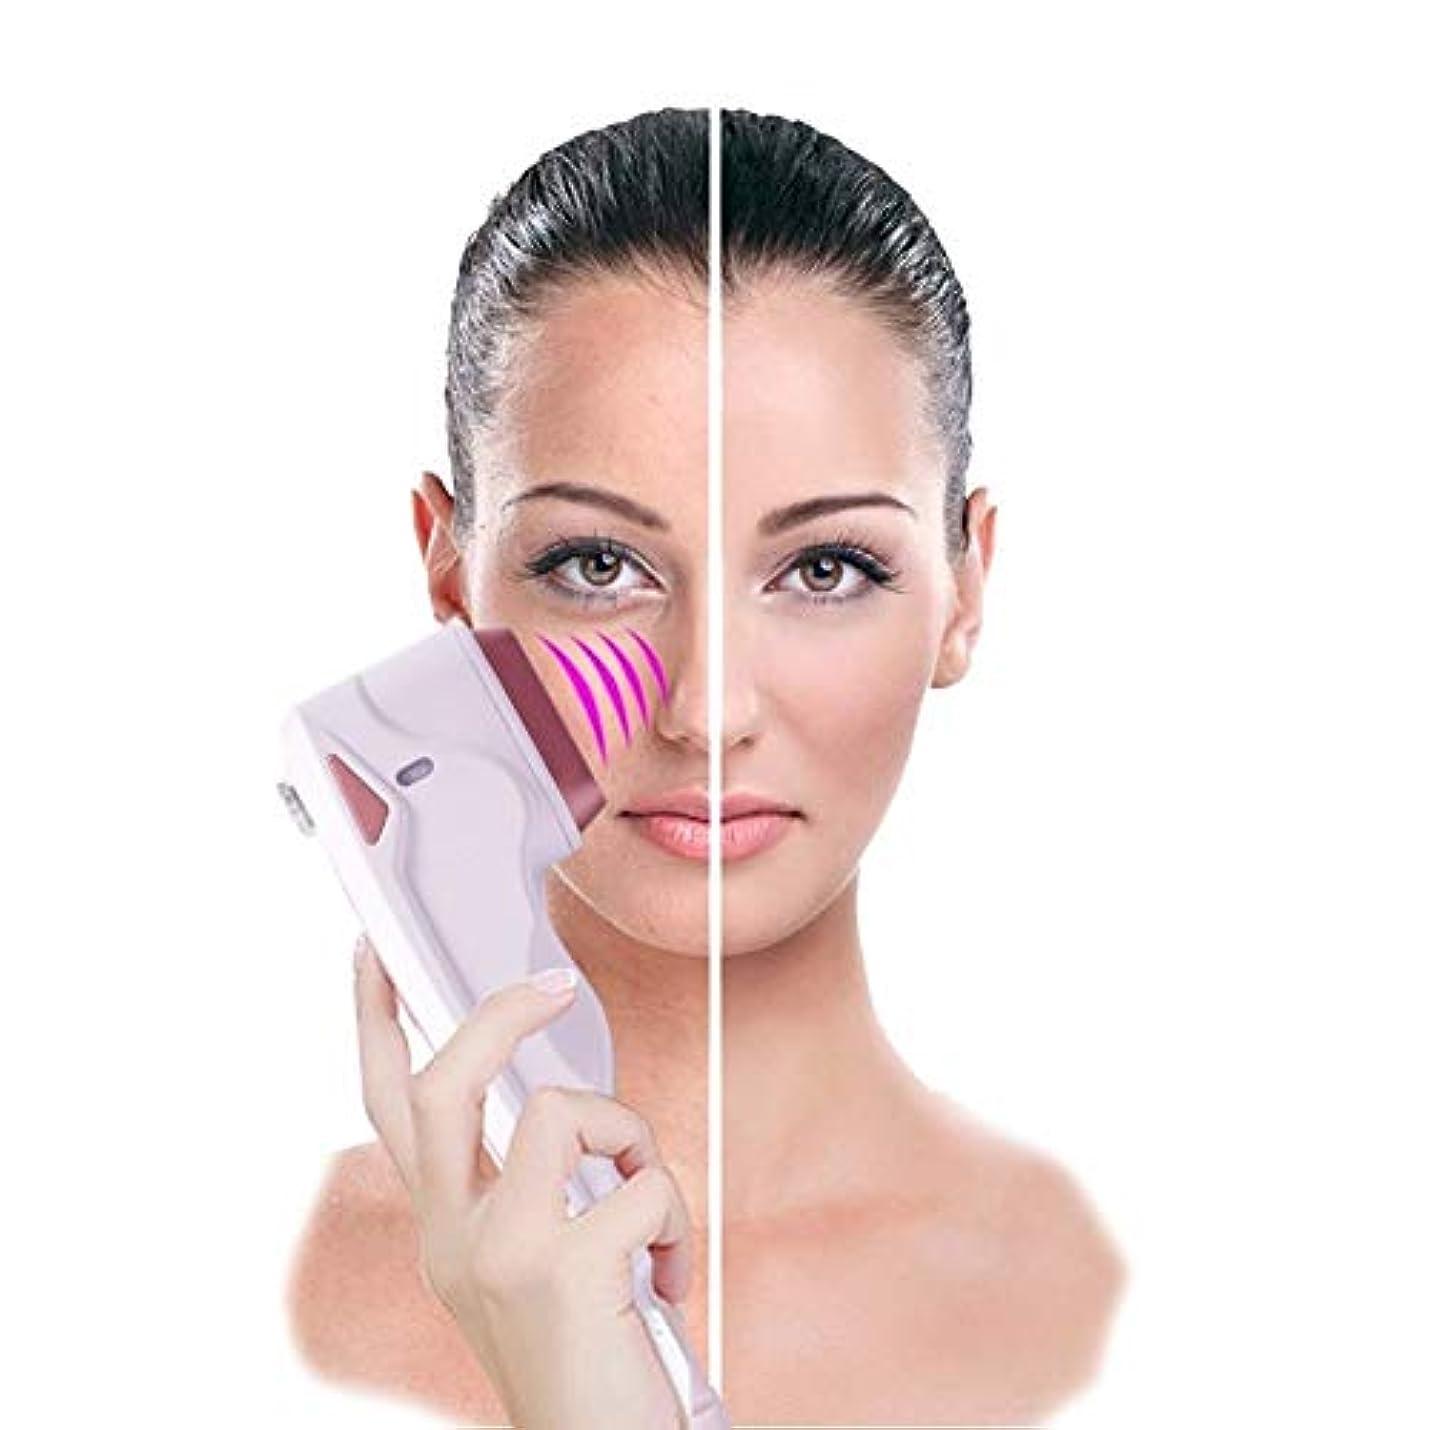 硬さ地平線無限美顔術の持ち上がる機械振動無線周波数のしわは反老化のためのスキンケアの美装置を取り除きます、皮膚のきつく締まるガルバニック微電流の改装機械